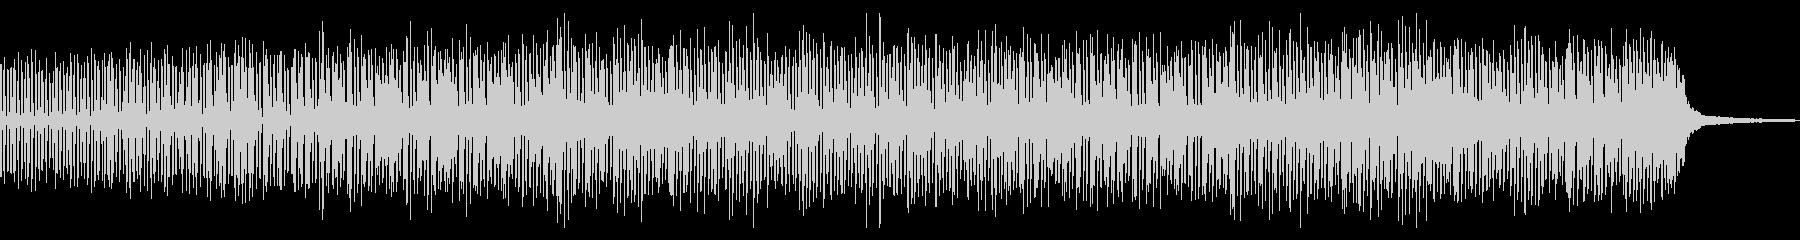 【ドラム抜き】明るく朗らかなコンセプトムの未再生の波形